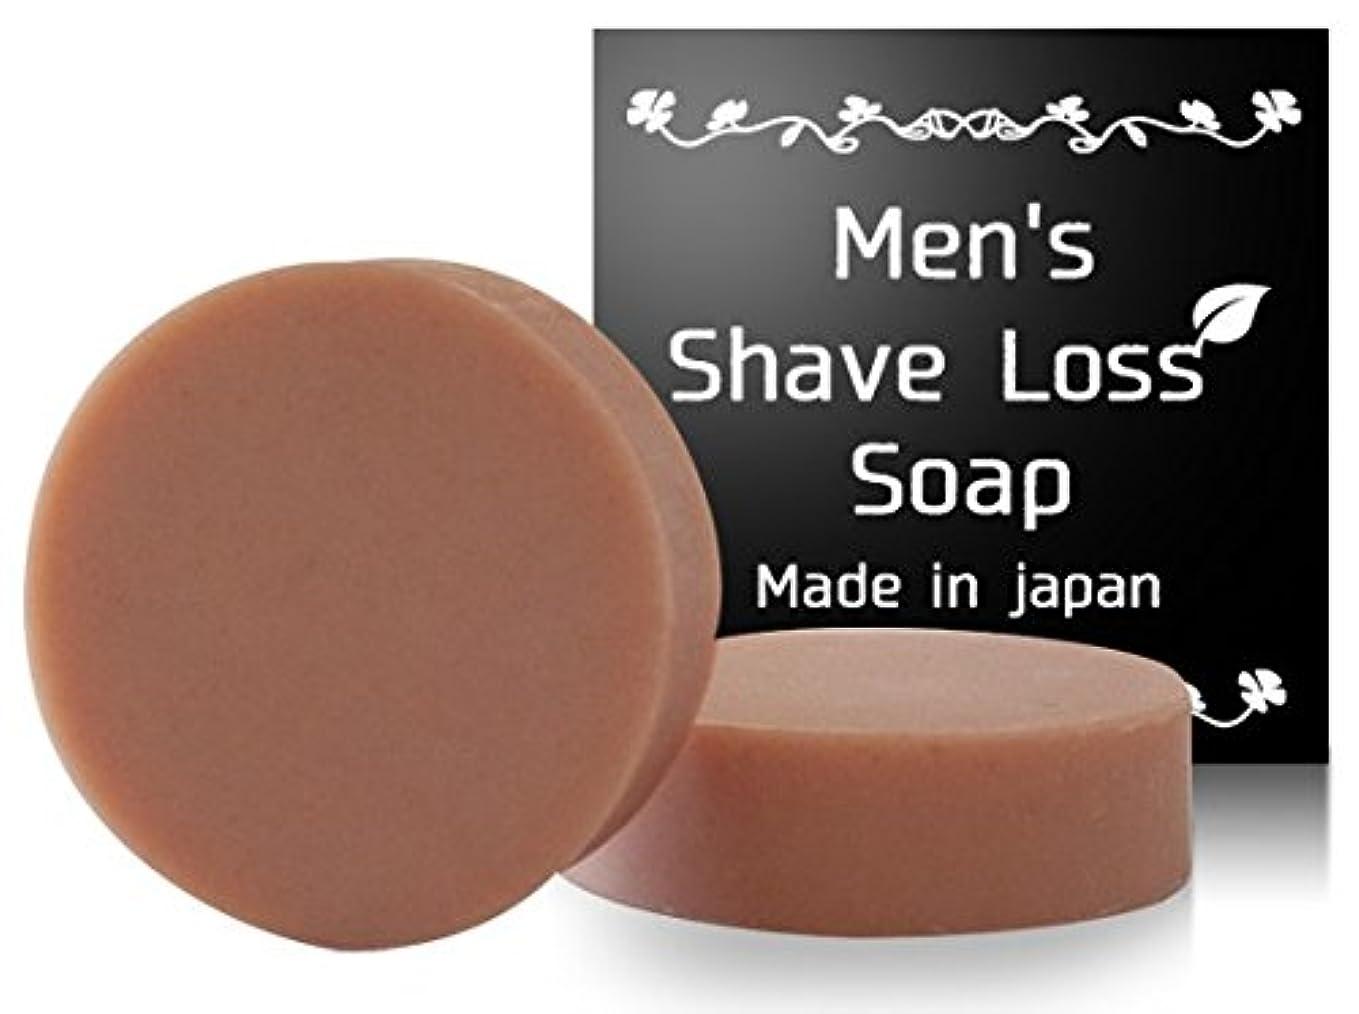 サスペンション付属品罪人Mens Shave Loss Soap シェーブロス 剛毛は嫌!ツルツル過ぎも嫌! そんな夢を叶えた奇跡の石鹸! 【男性専用】(1個)